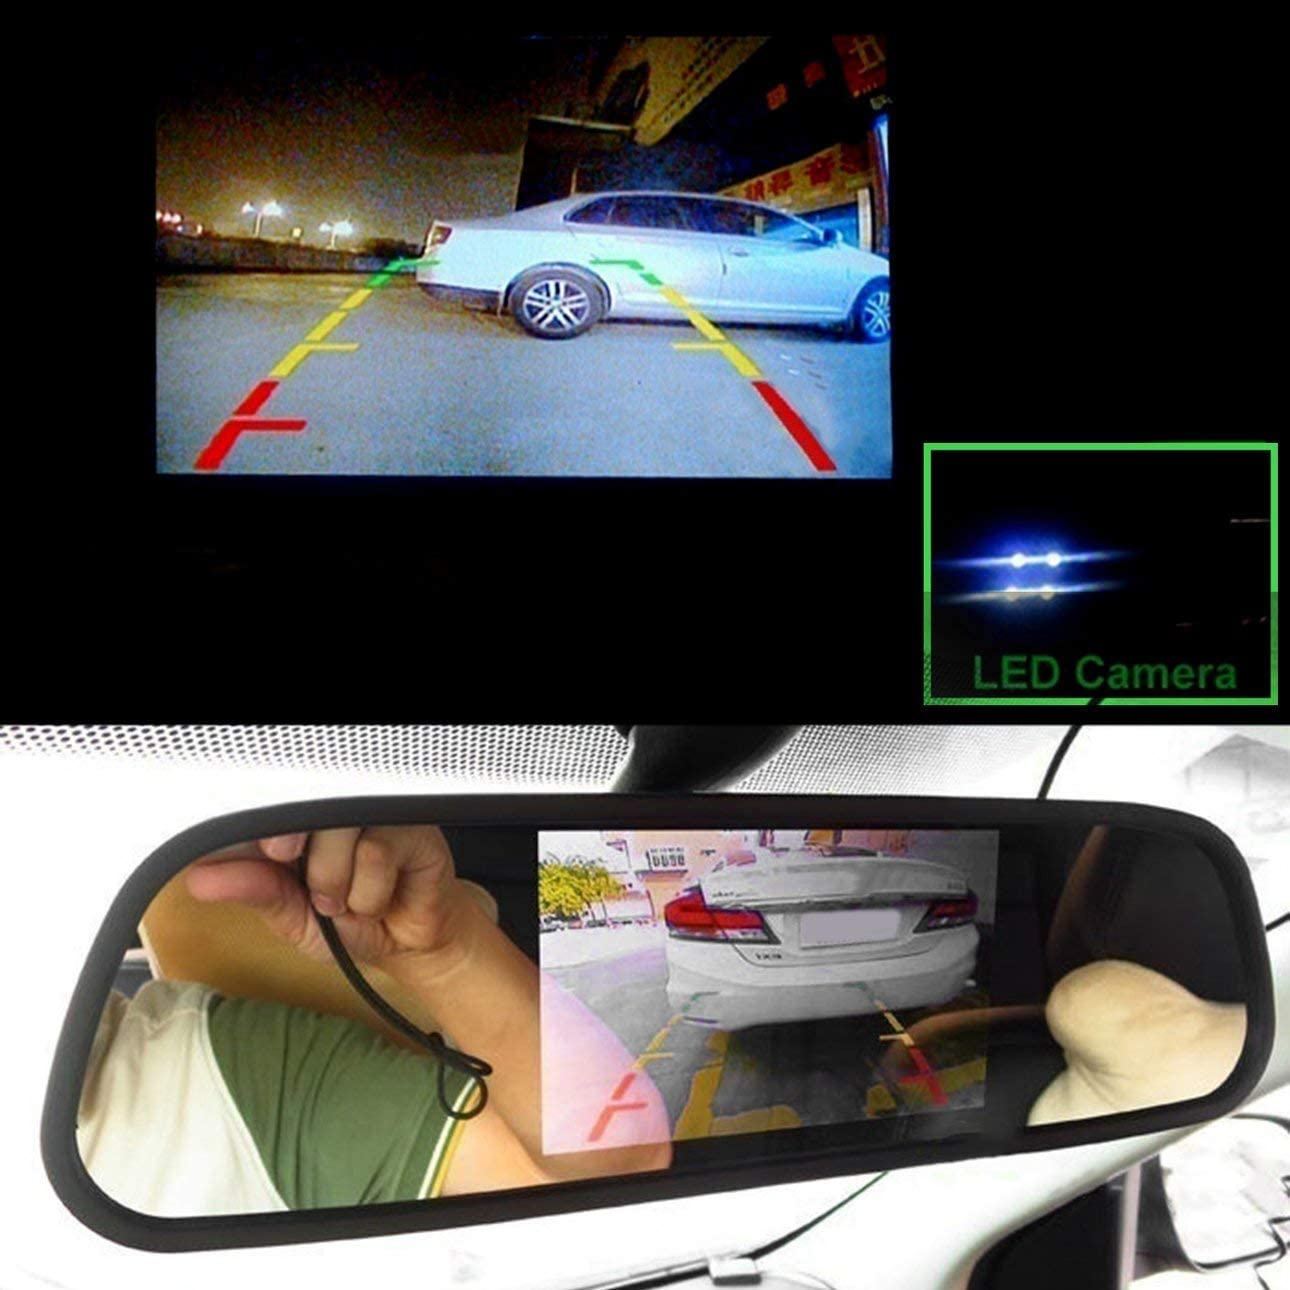 Moniteur de Miroir Universel de 4,3 Pouces Aide au stationnement Automatique Moniteur HD sans Fil 2,4 GHz avec cam/éra de recul de Ballylelly